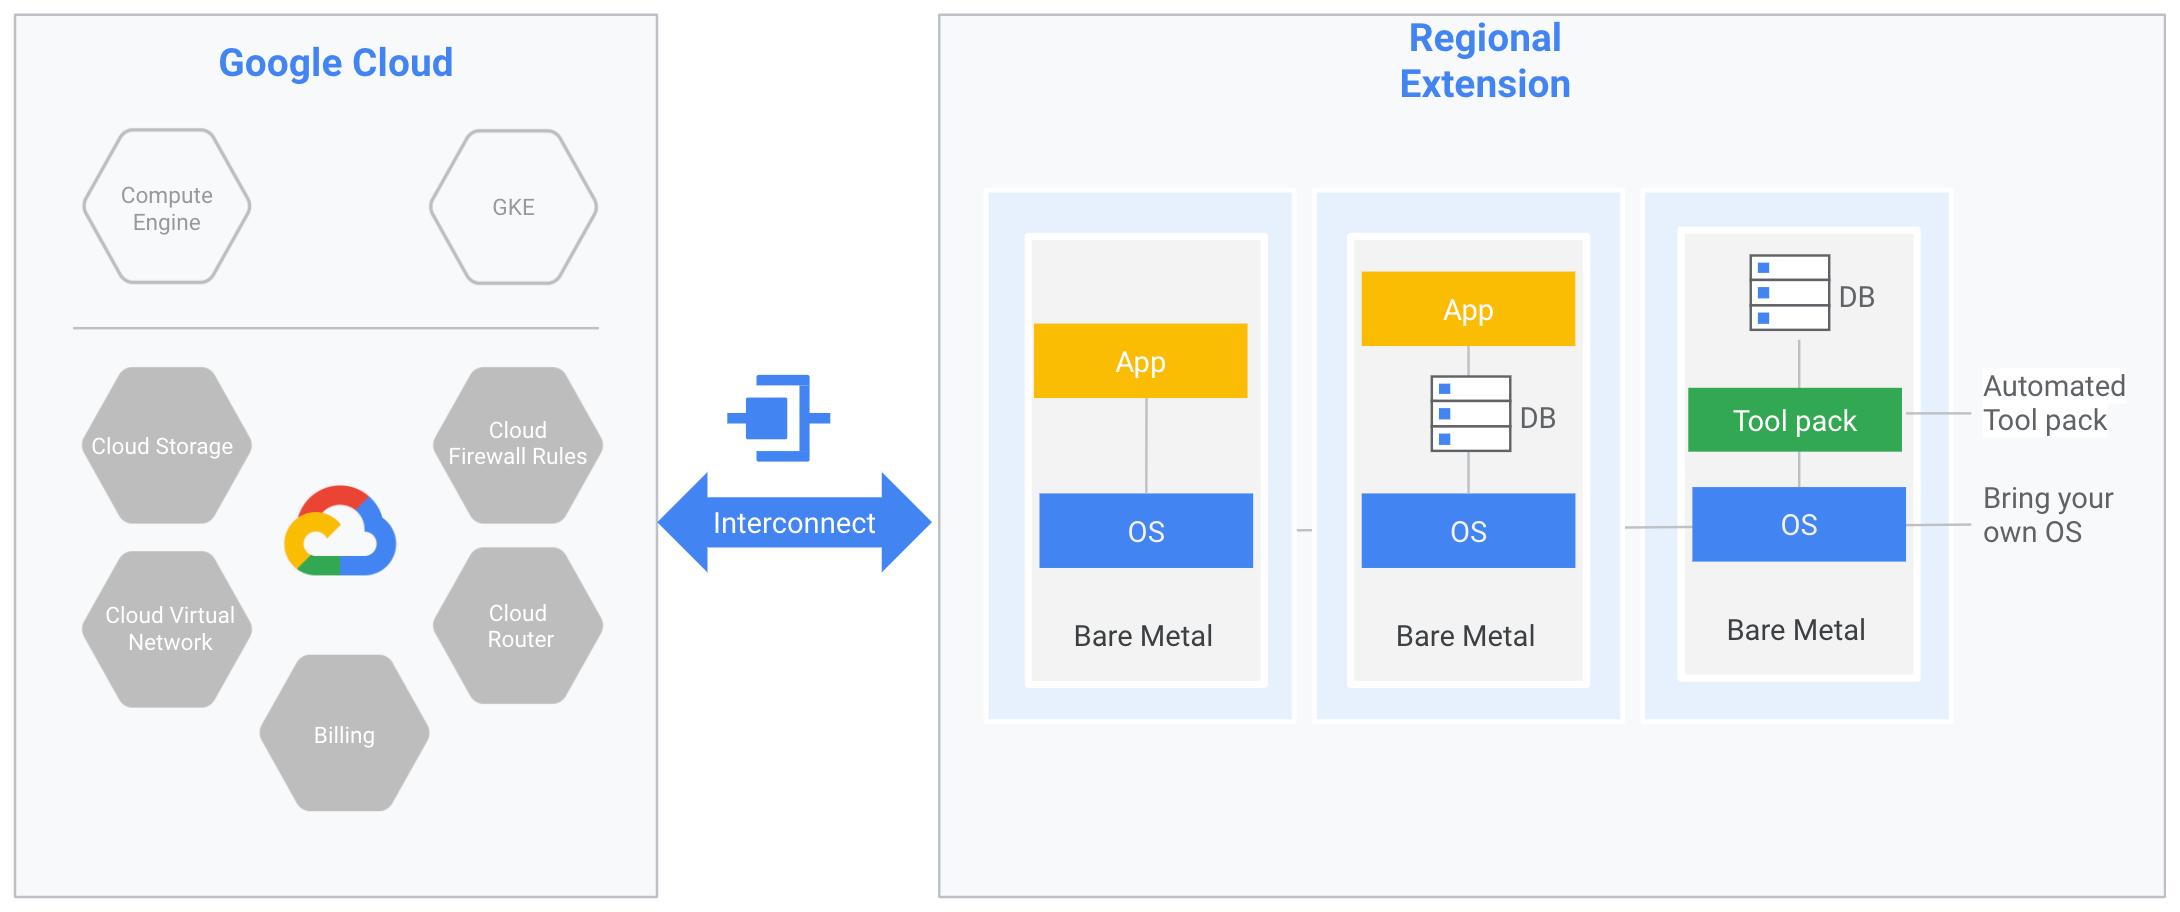 Bare-Metal-Maschinen werden in einer regionalen Erweiterung dargestellt, die in einem Google Cloud-Rechenzentrum zusammengestellt ist.